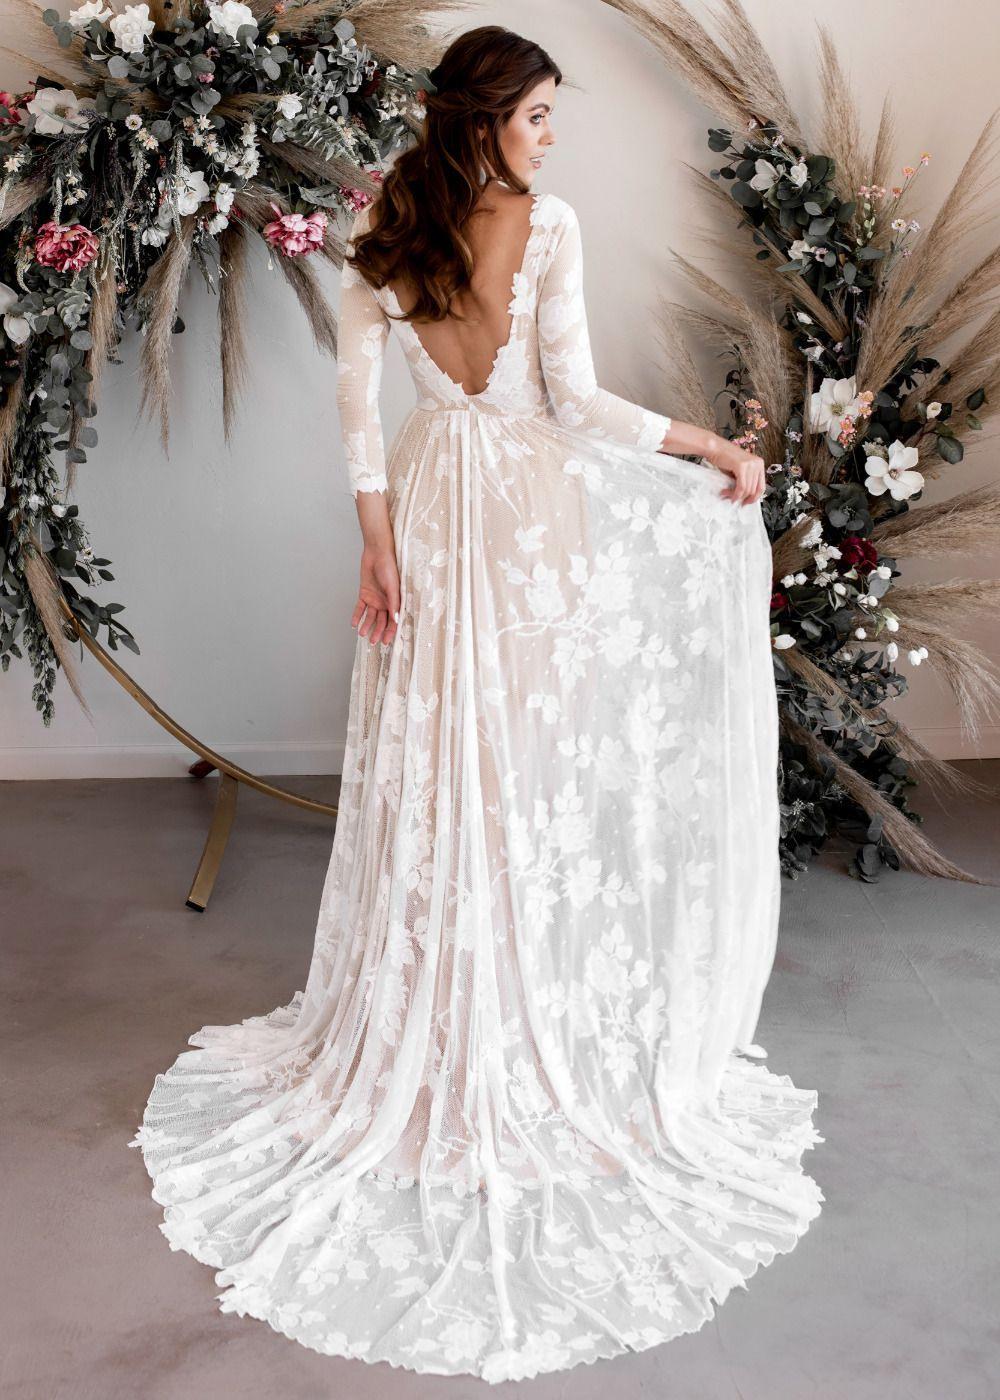 Die Eden Dress Collection Von Wear Your Love Hat Alles In